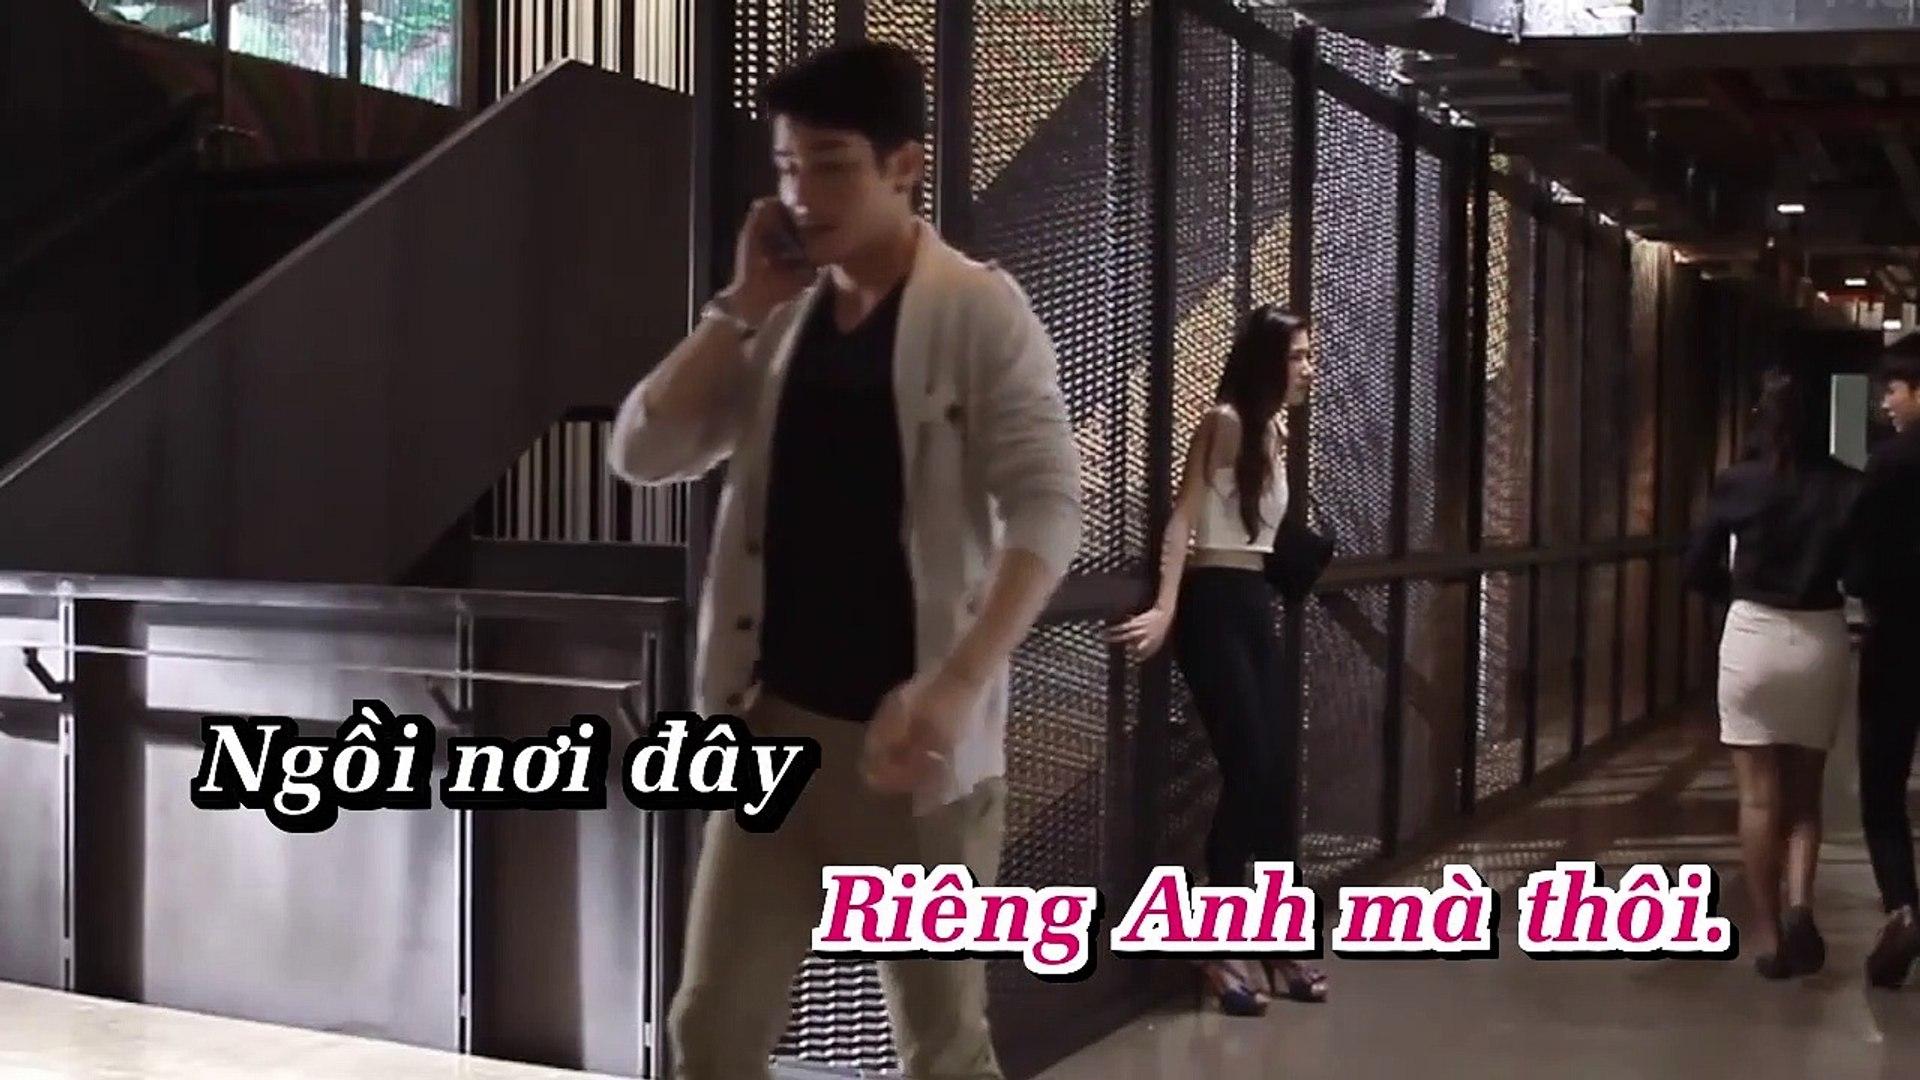 [Karaoke] Riêng Mình Anh Thôi - Văn Mai Hương [Beat]